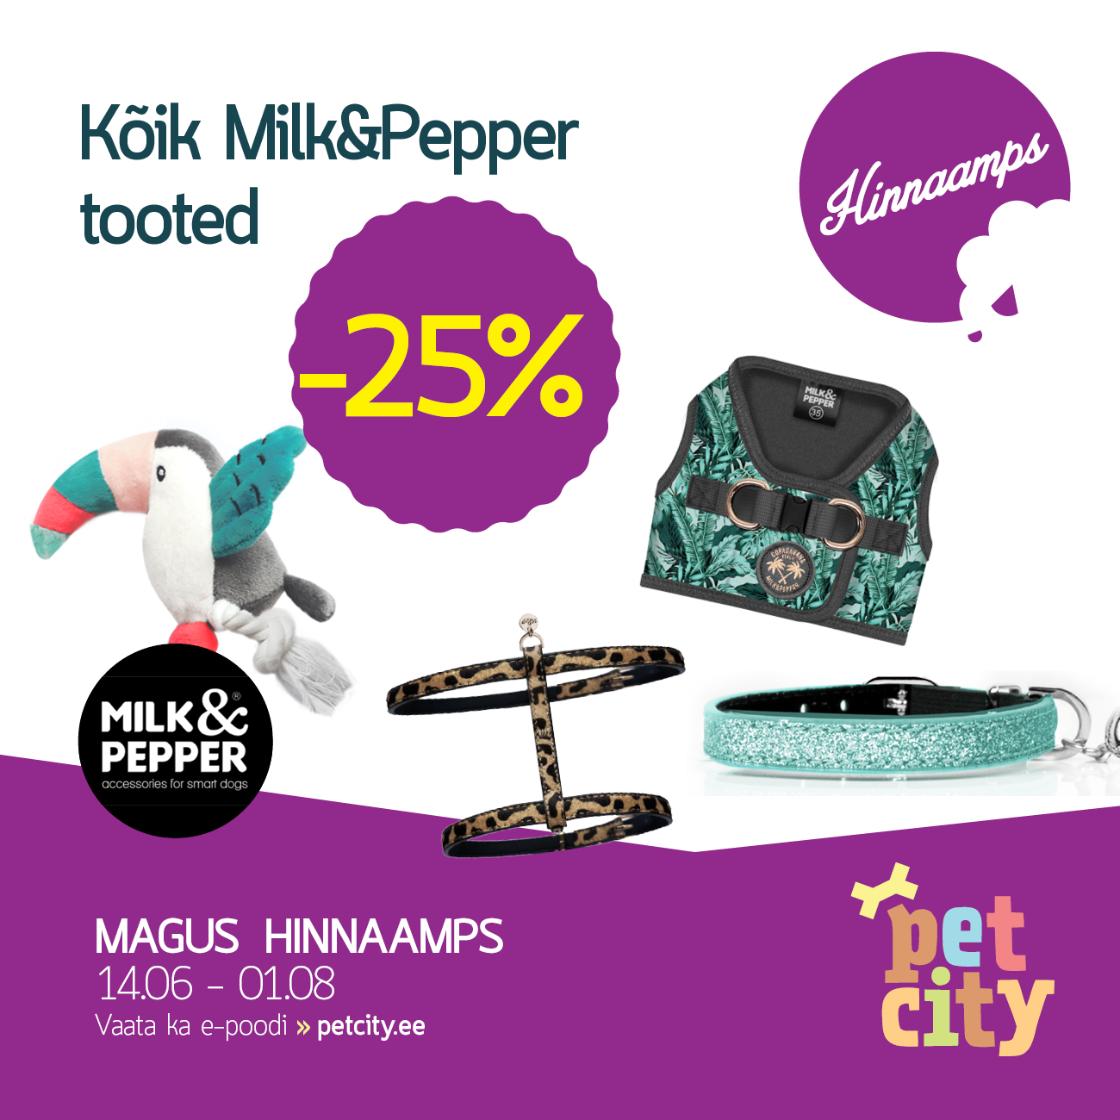 Kogu Milk&Pepperi tootevalik -25% - PetCity